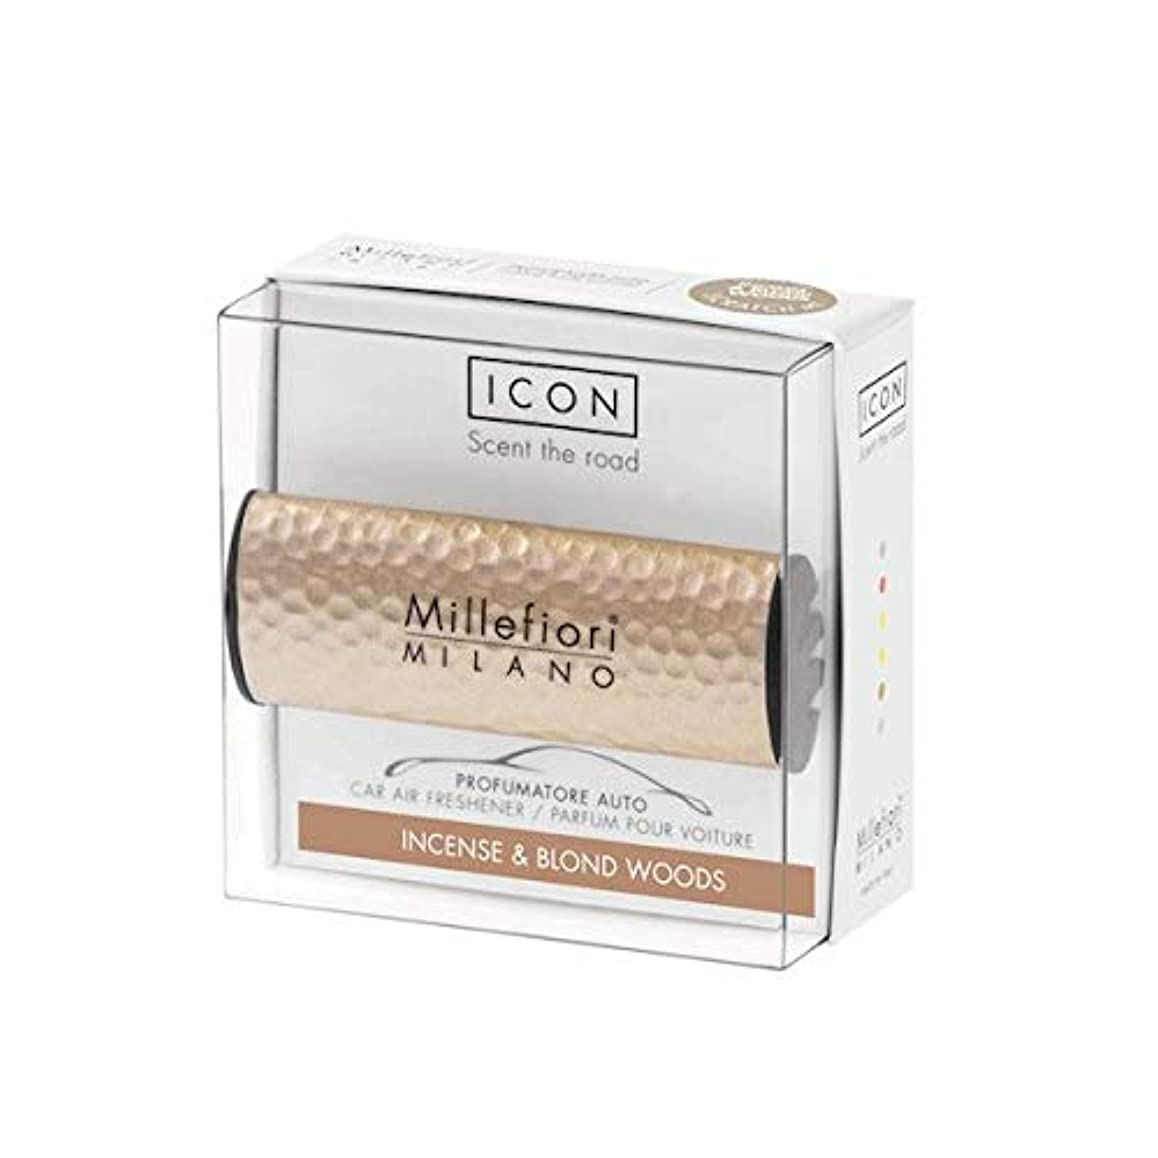 以下やけど粘性のミッレフィオーリ(Millefiori) カーエアフレッシュナー ICON HAMMERED METAL 41 - インセンス&ブロンドウッズ(METAL 41 - INCENSE & BLOND WOODS) [並行輸入品]